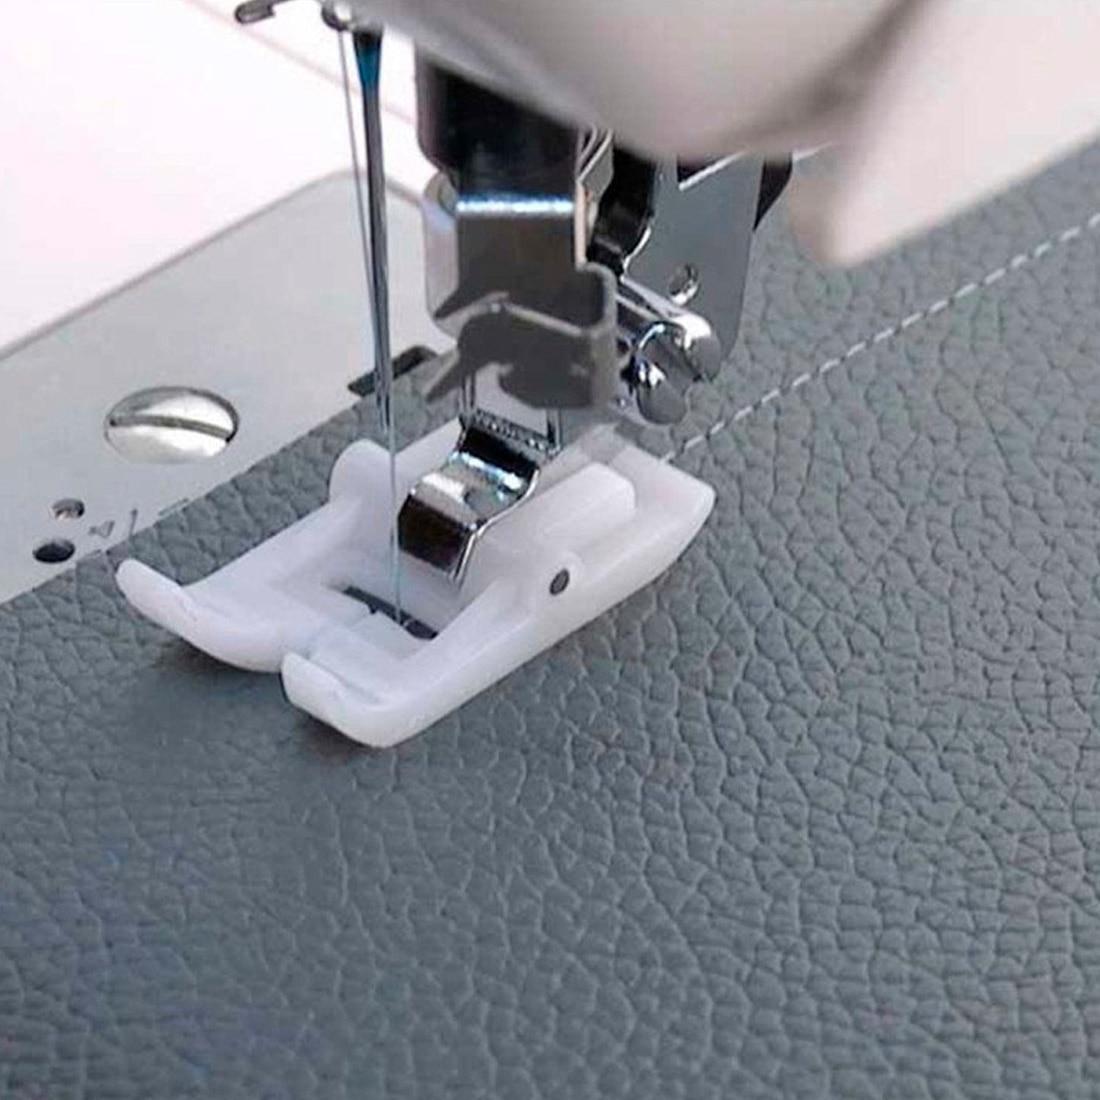 Лапка прижимная лапка для шитья под кожу, белая антипригарная лапка для ног, аксессуары для домашней швейной машины